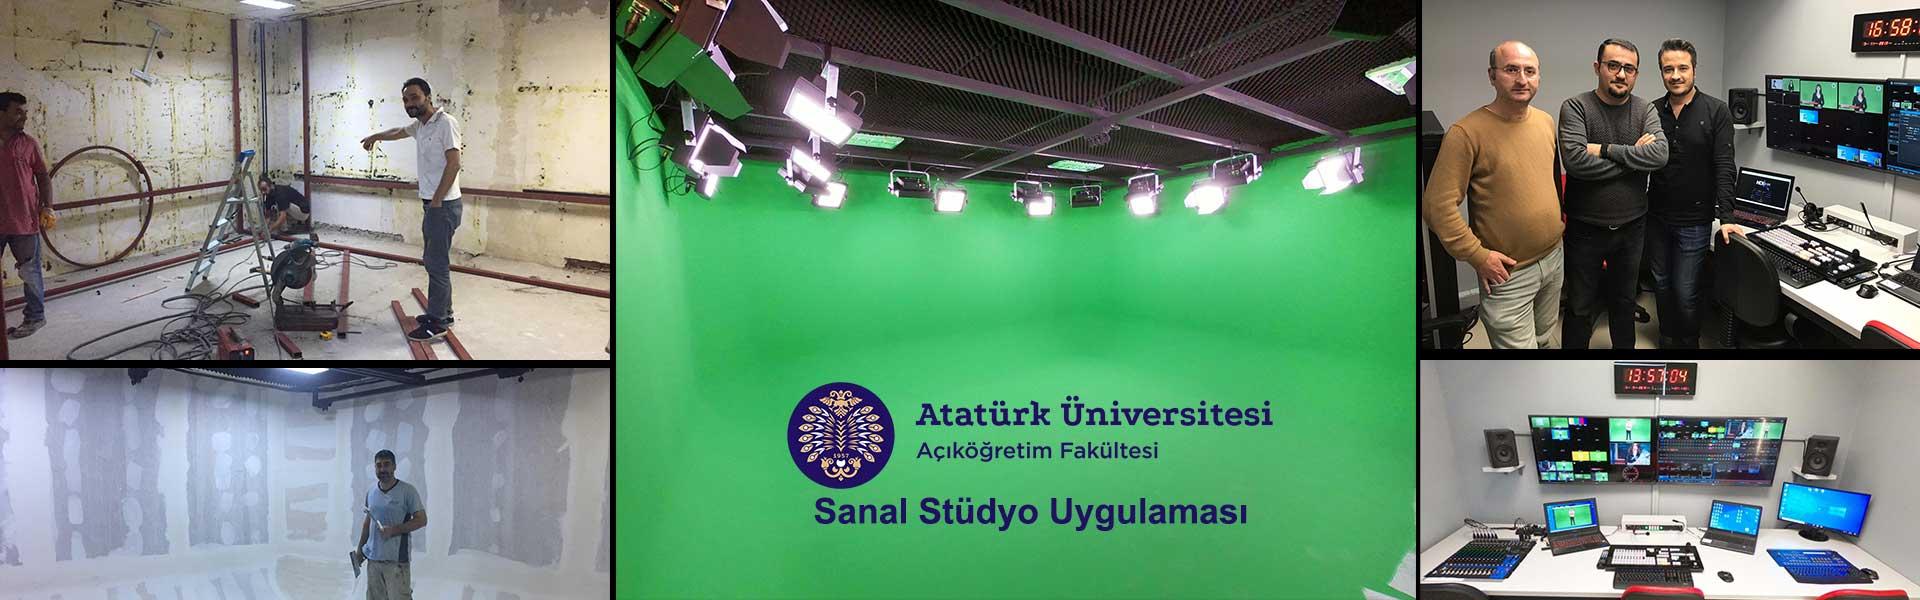 Erzurum-Atatürk-Üniv-Sanal-Stüdyo